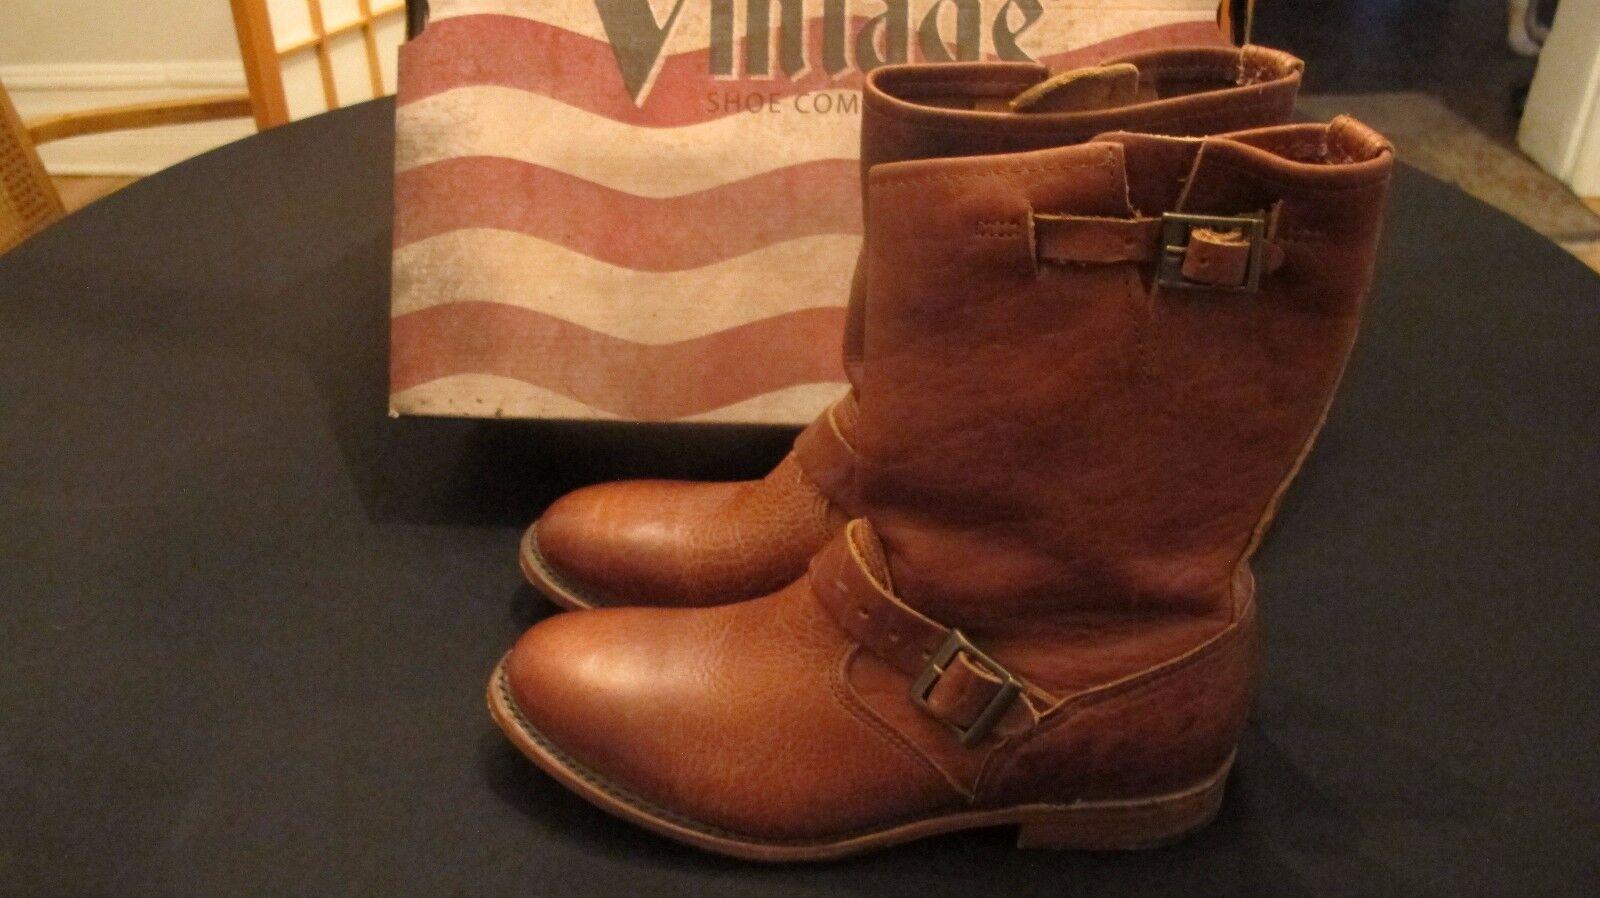 Vintage zapatos Co Veronica maní Bisonte botas al Tobillo Marrón De Cuero Talle 9.5 Nuevas Con Caja